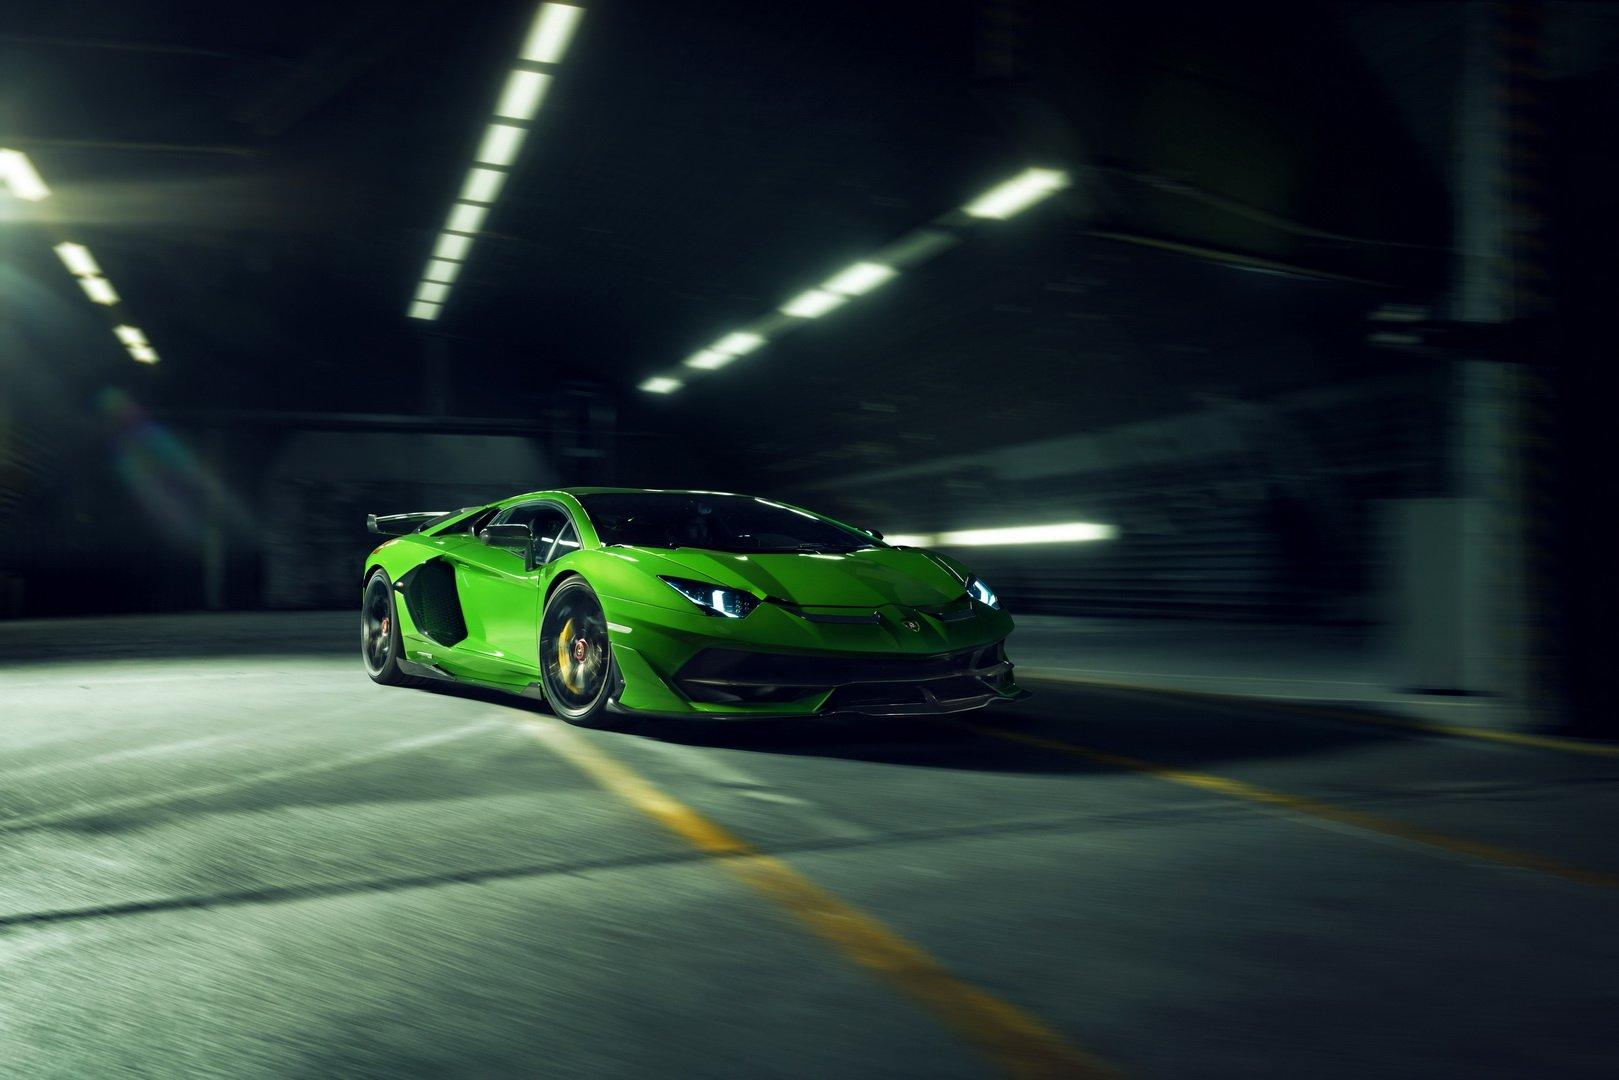 Lamborghini-Aventador-SVJ-by-Novitec-3